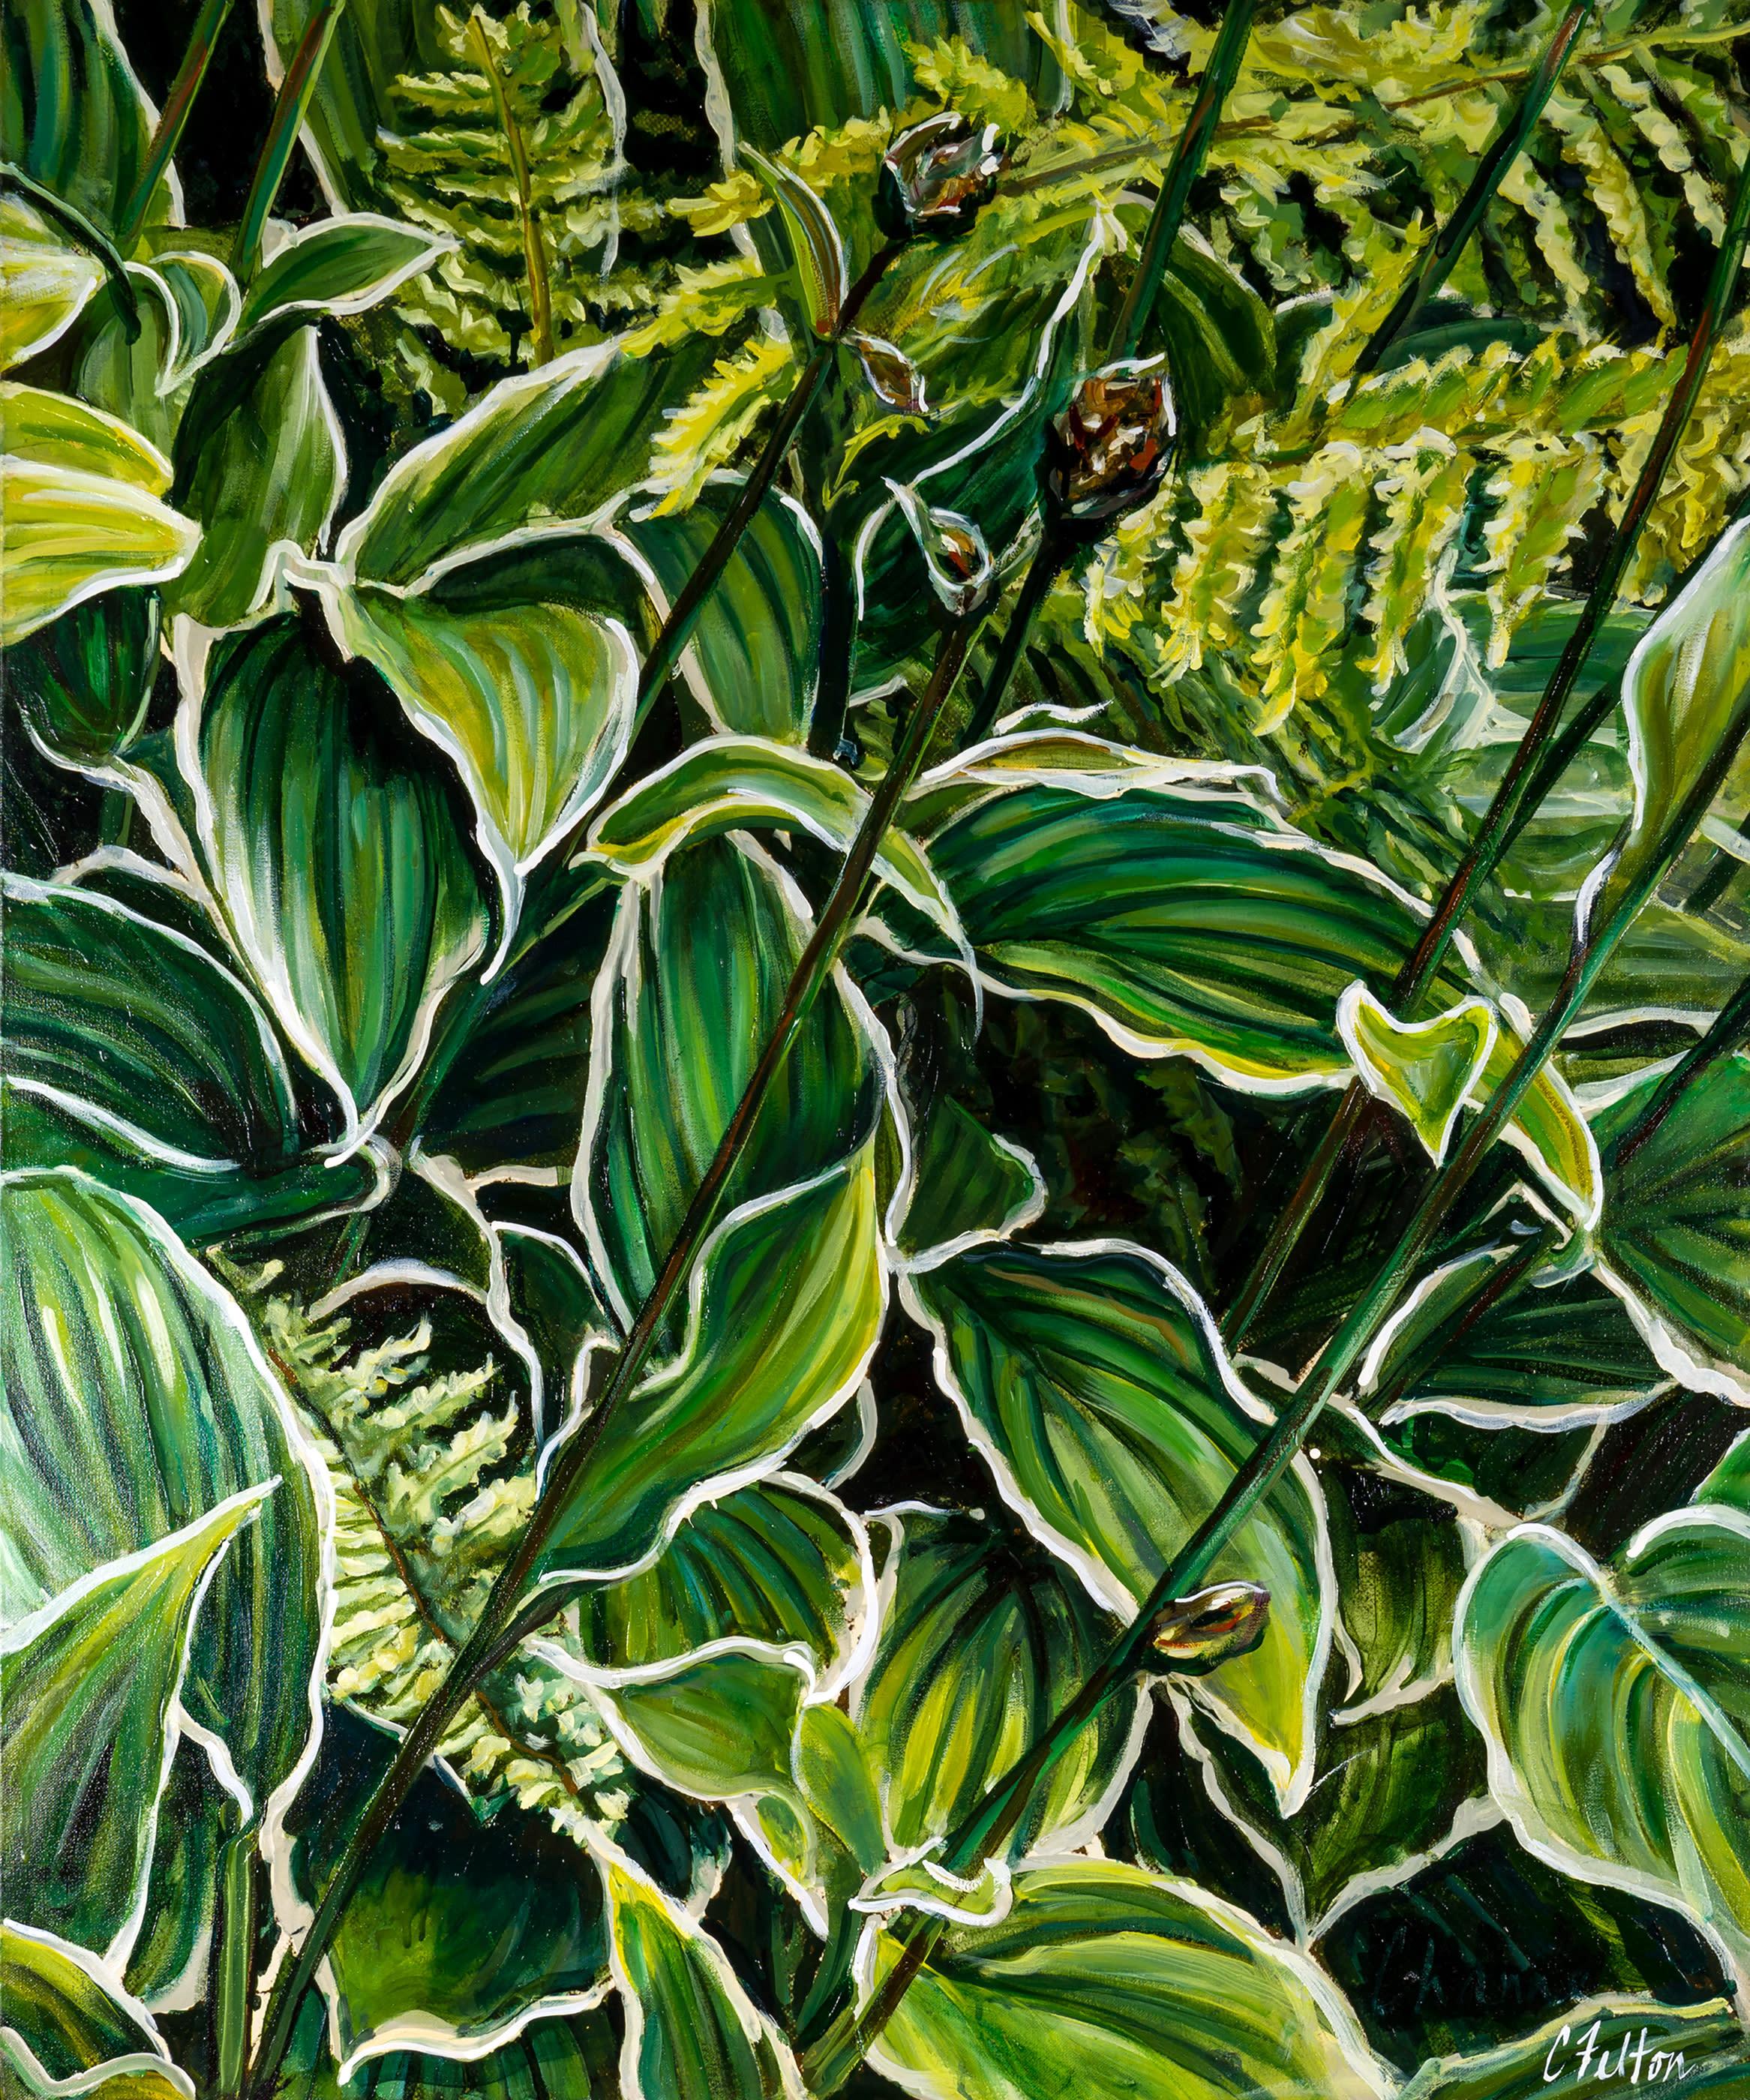 Rainforest 2 for original folder d6zgae